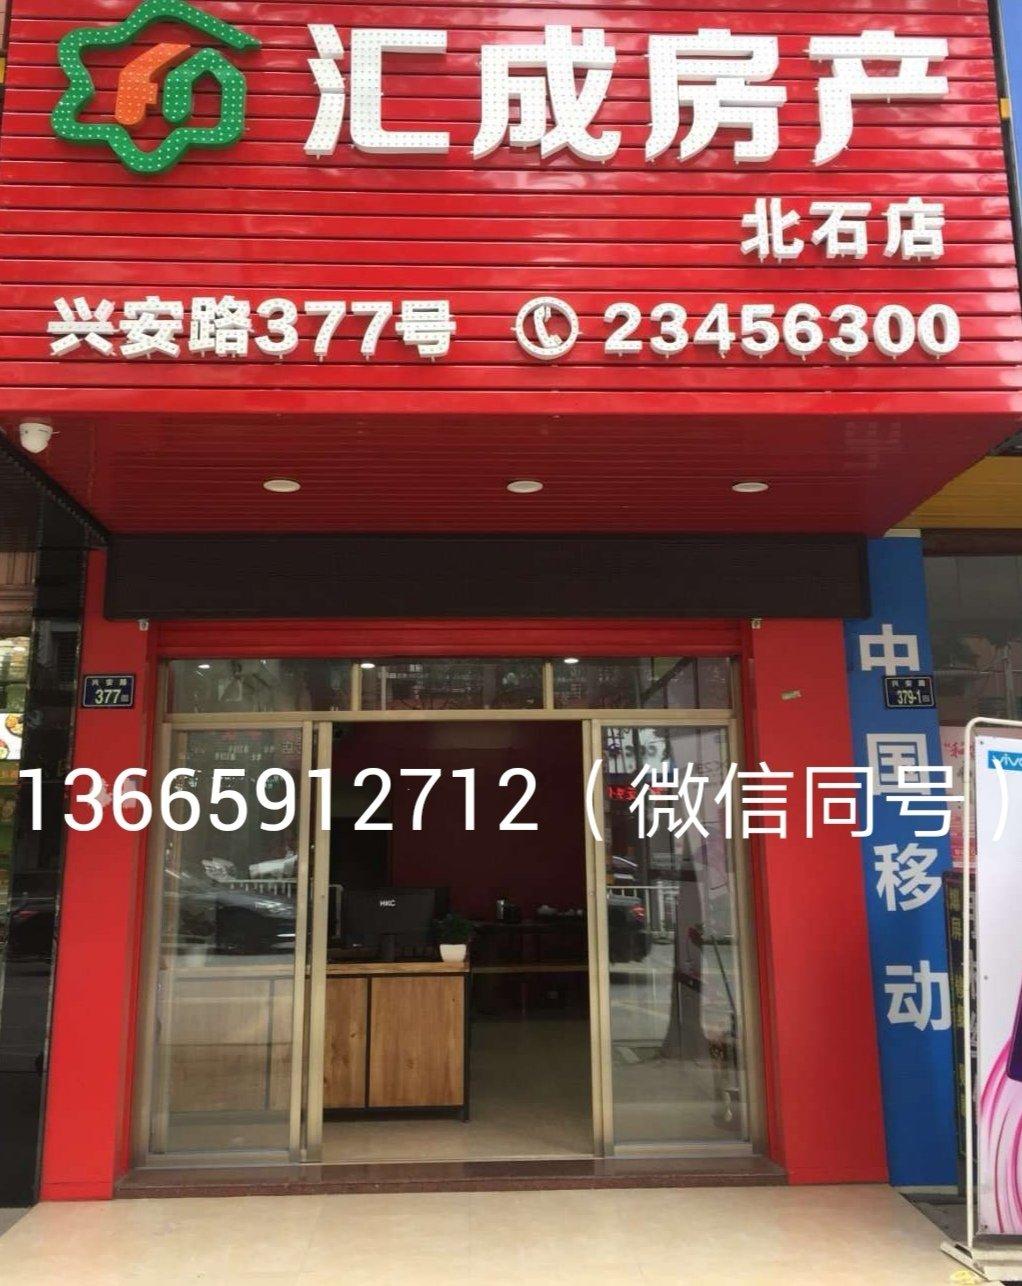 永隆小三房79平方售80万元